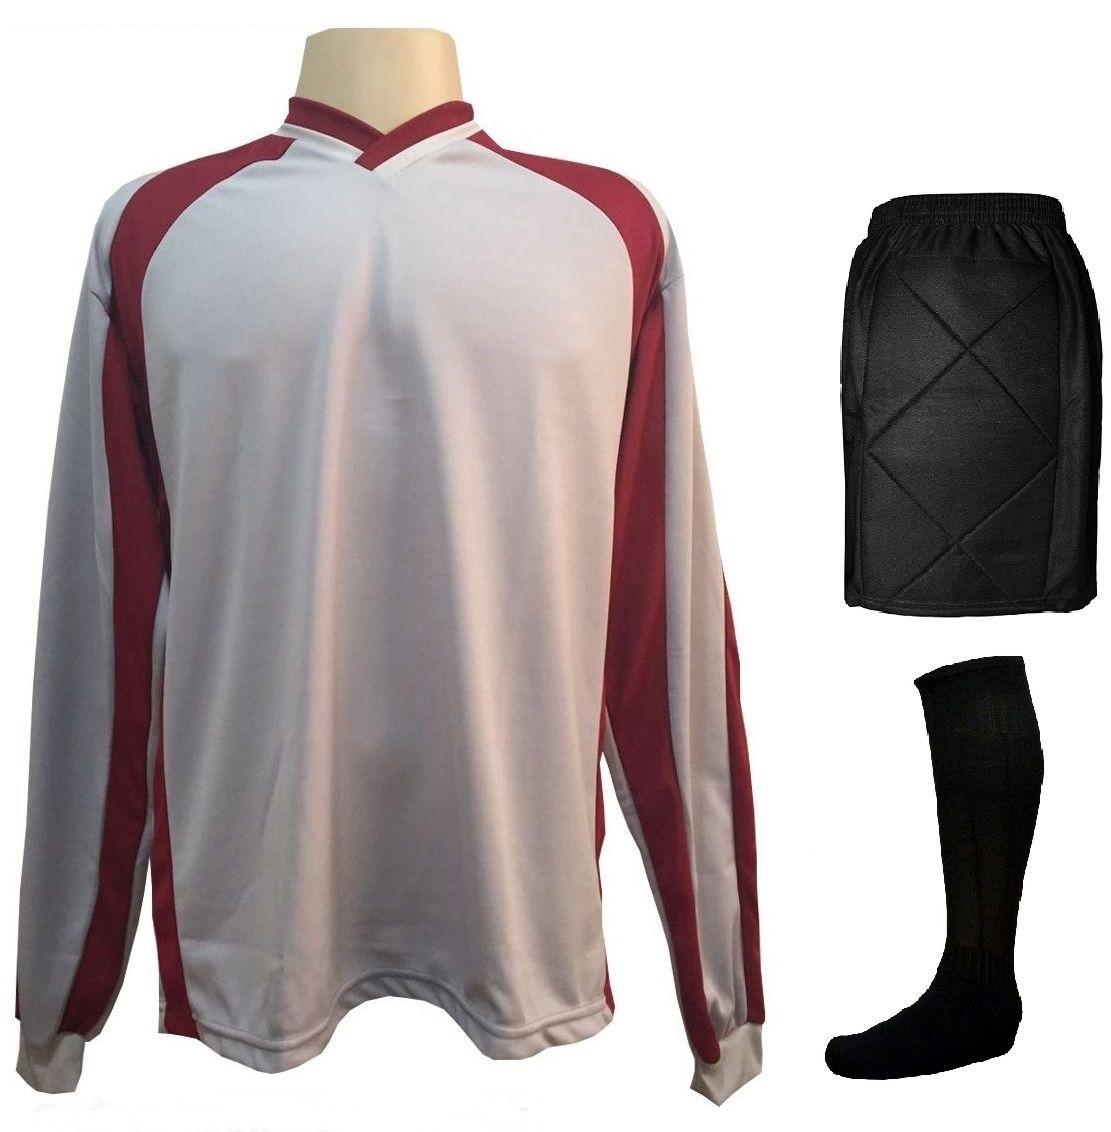 Fardamento Completo modelo Bélgica 20+2 (20 camisas Royal/Branco + 20 calções modelo Madrid Branco + 20 pares de meiões Royal+ 2 conjuntos de goleiro) + Brindes